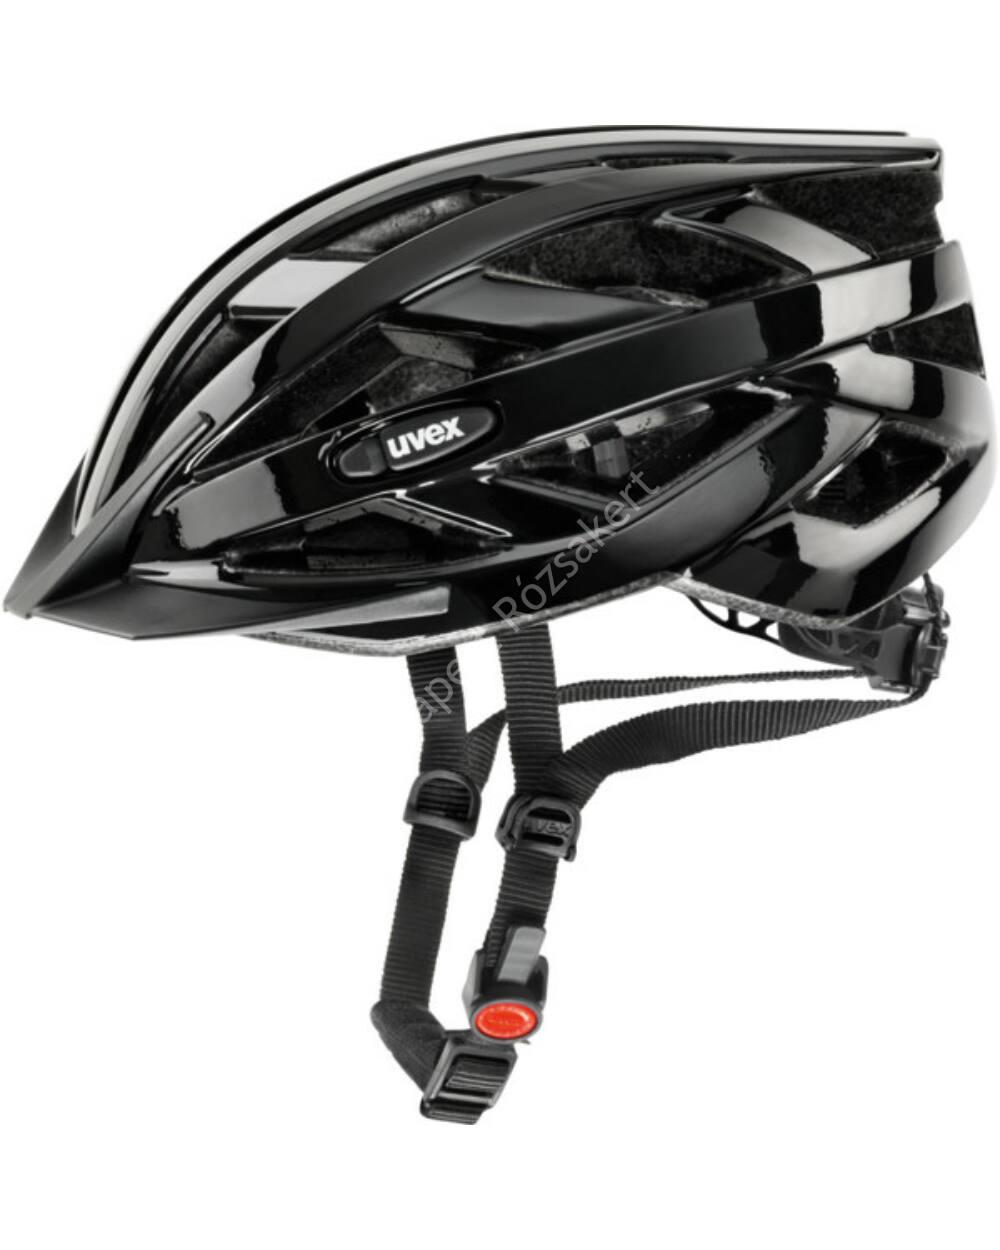 Uvex I-VO kerékpáros bukósisak, fekete, 52-57 cm